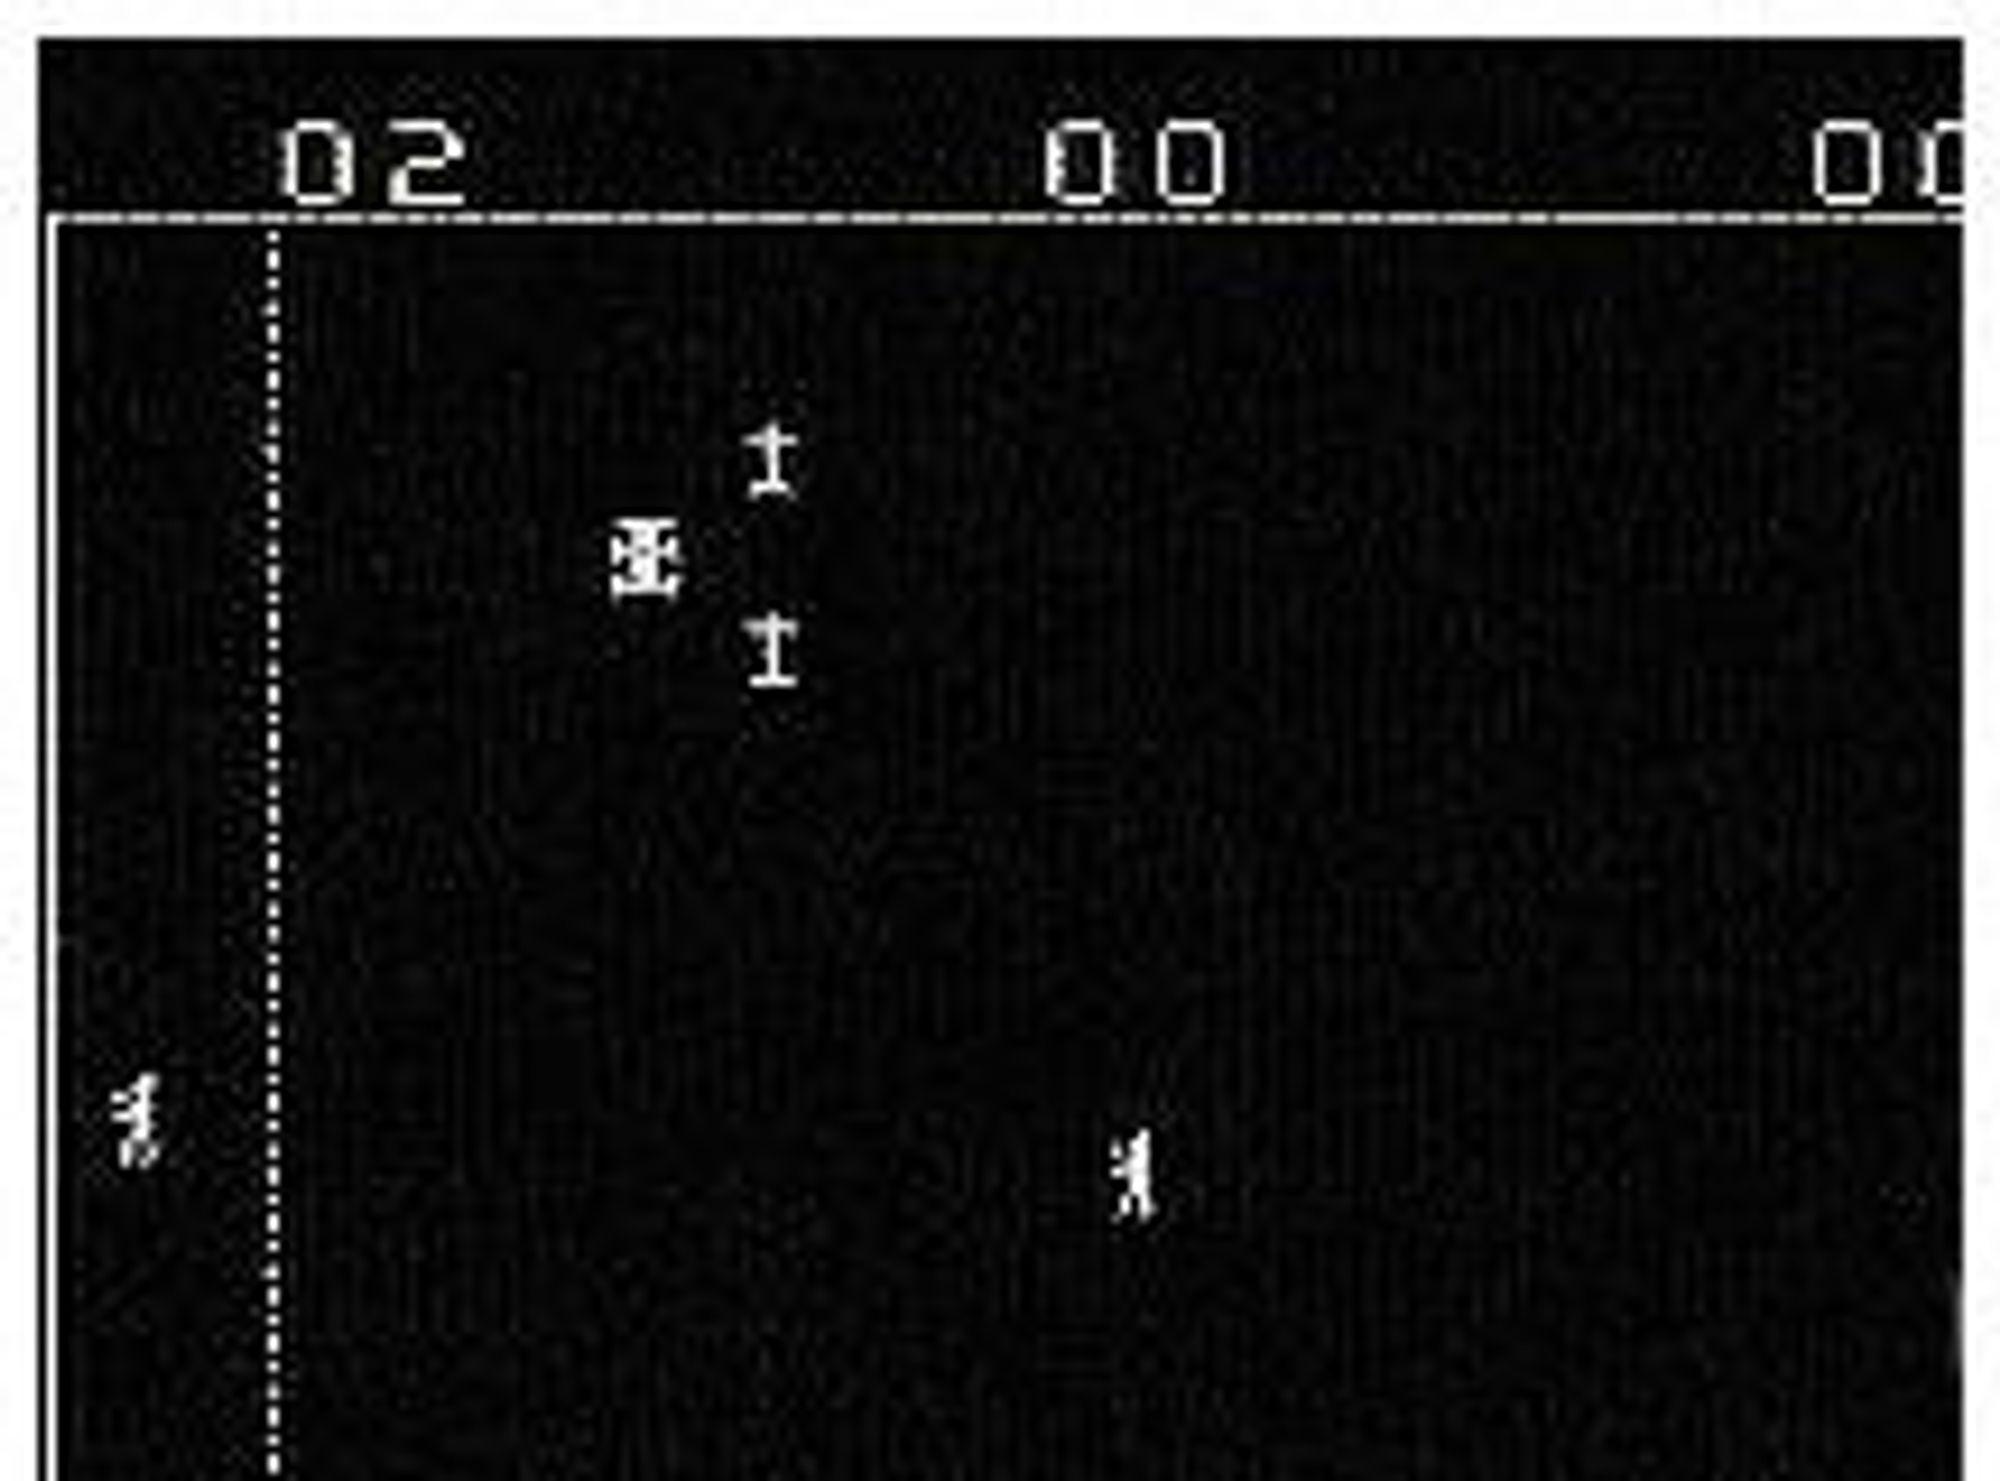 Spill har korrumpert barn og unge siden 1976 (bilde: Wikipedia).